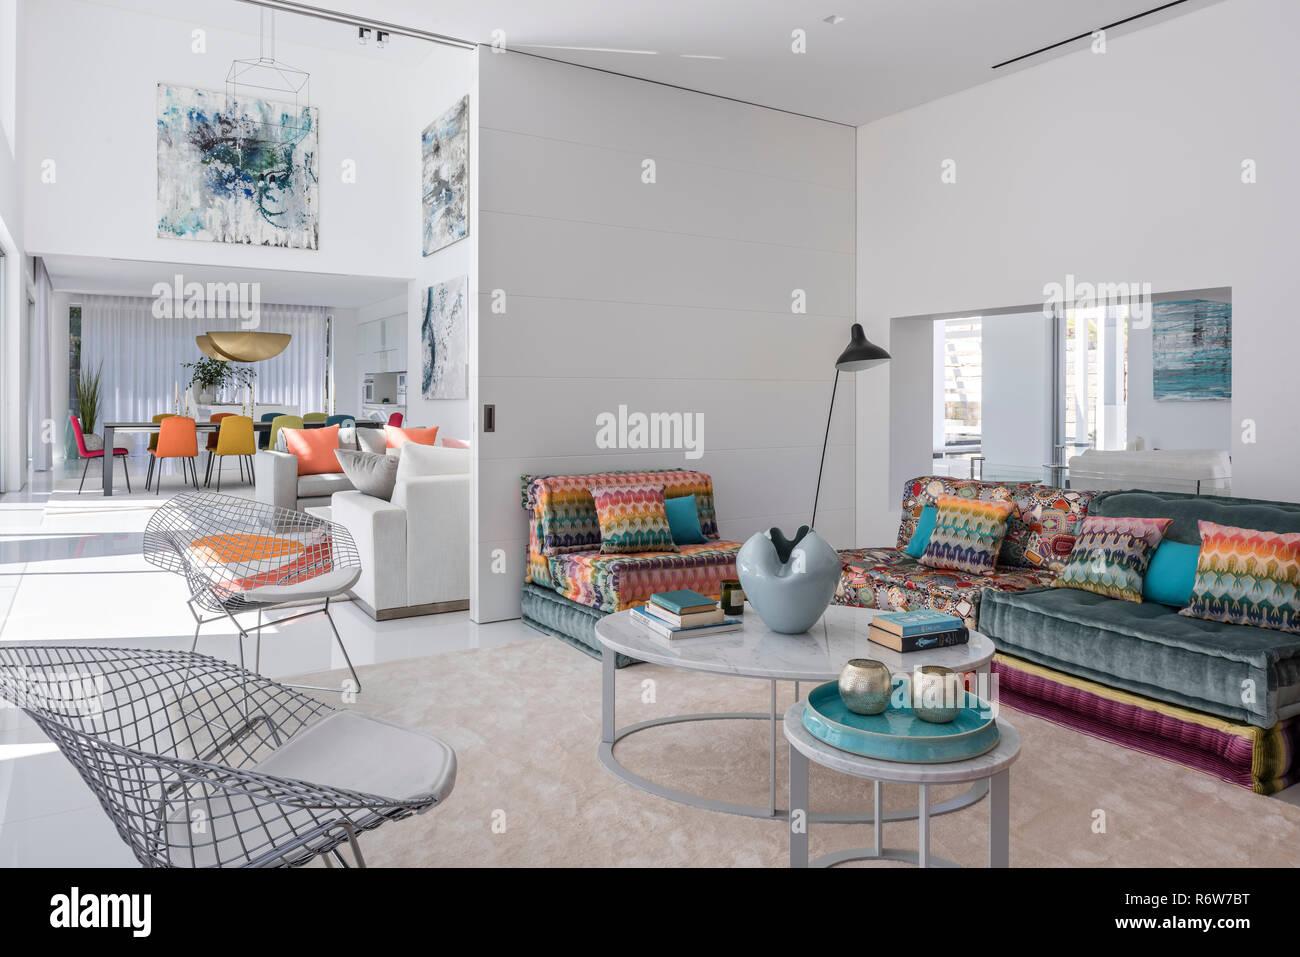 Gemusterten Stoffen und Drahtgeflecht Stühle in offene Wohnzimmer der neuen Villa bauen, Quinta do Lago Stockbild